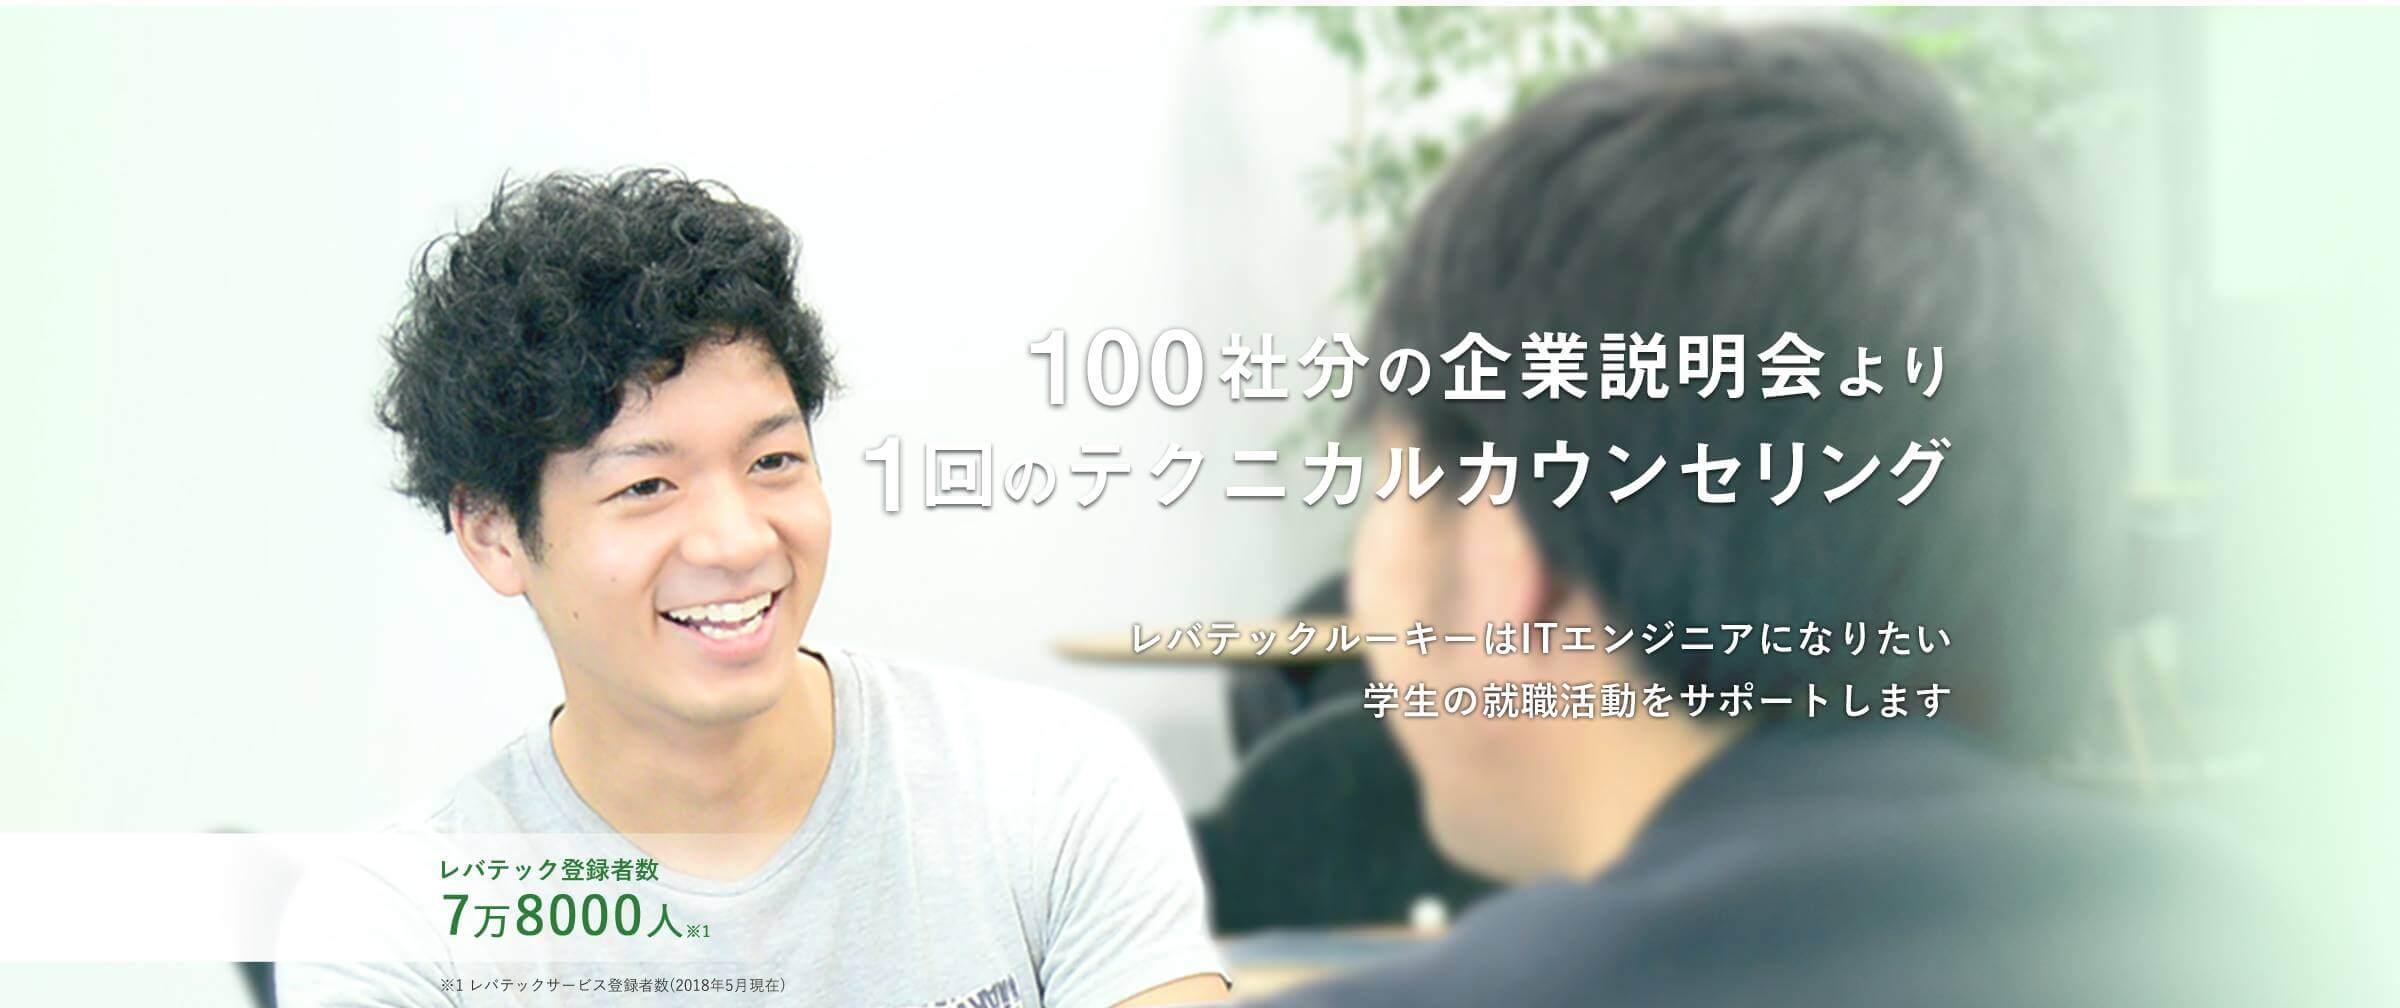 レバテックルーキー 2020 東京